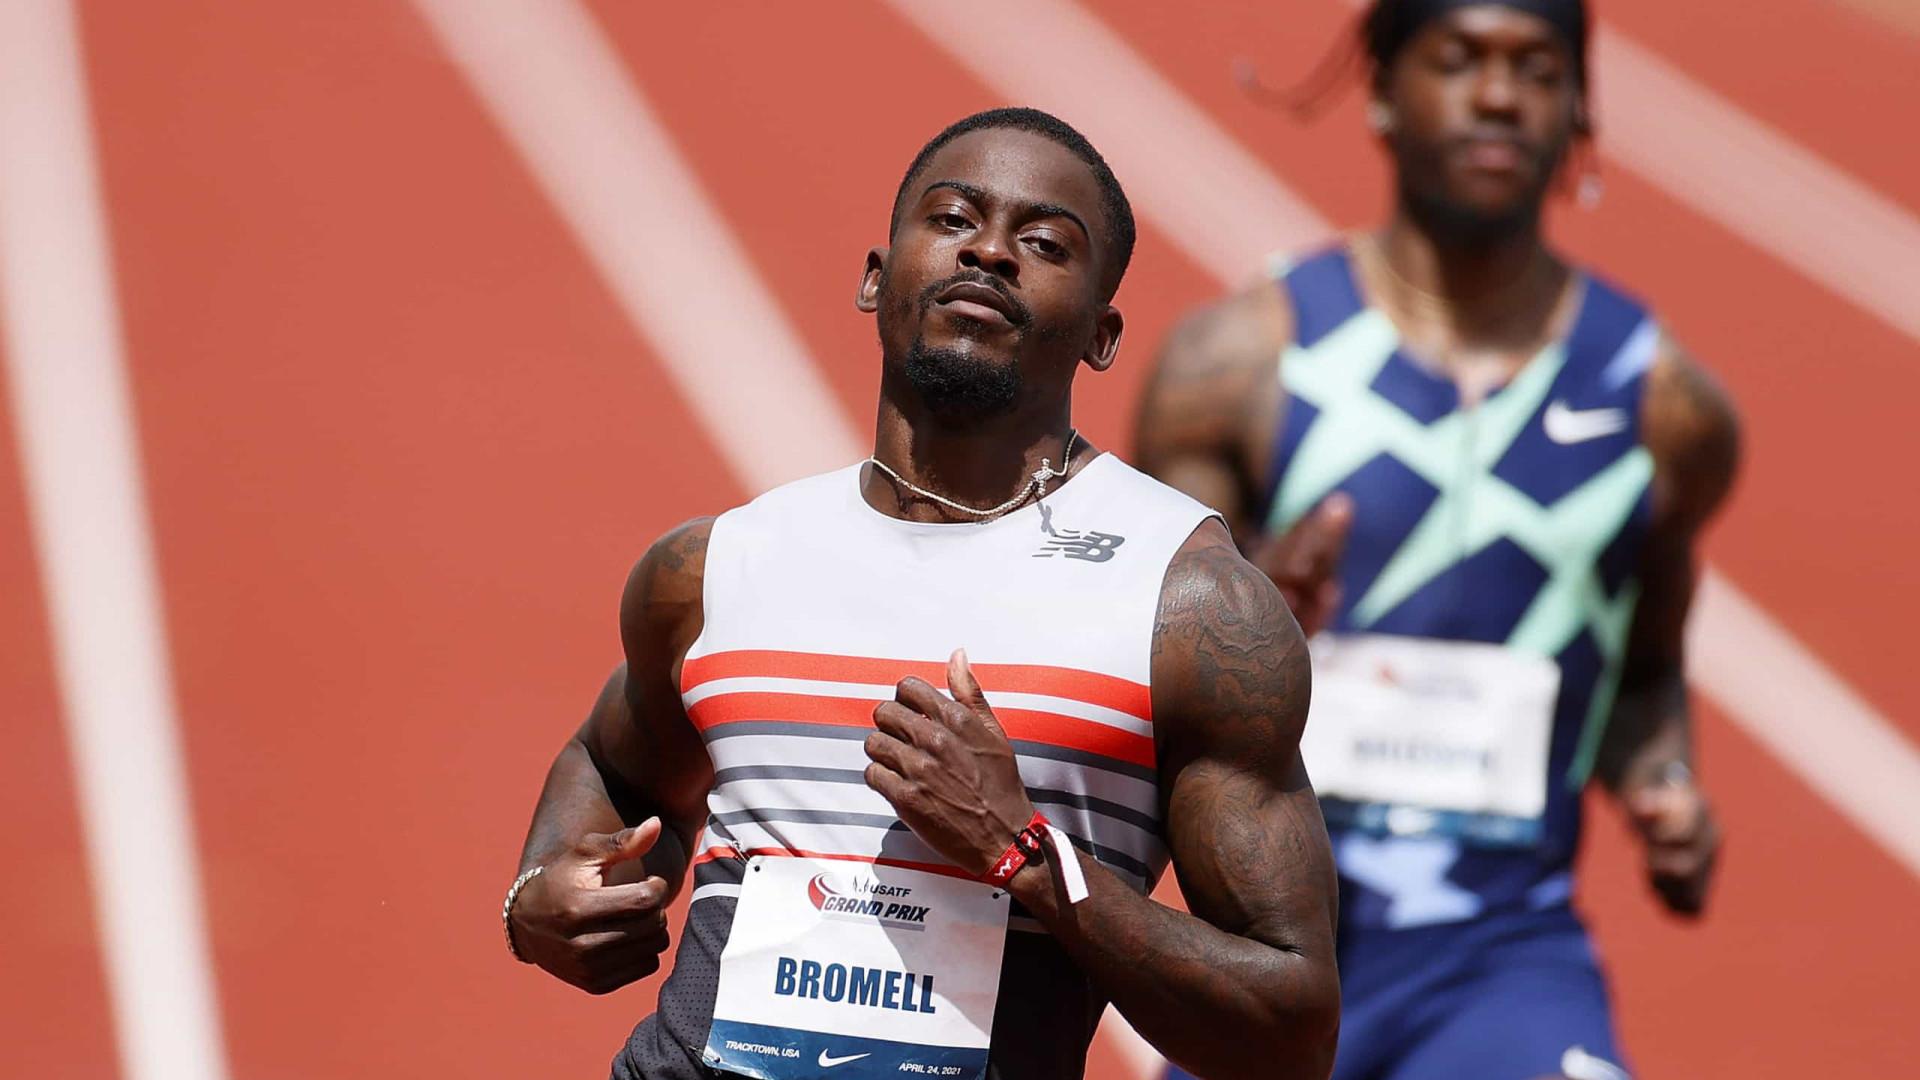 Conheça Trayvon Bromell, o homem mais rápido do mundo em 2021